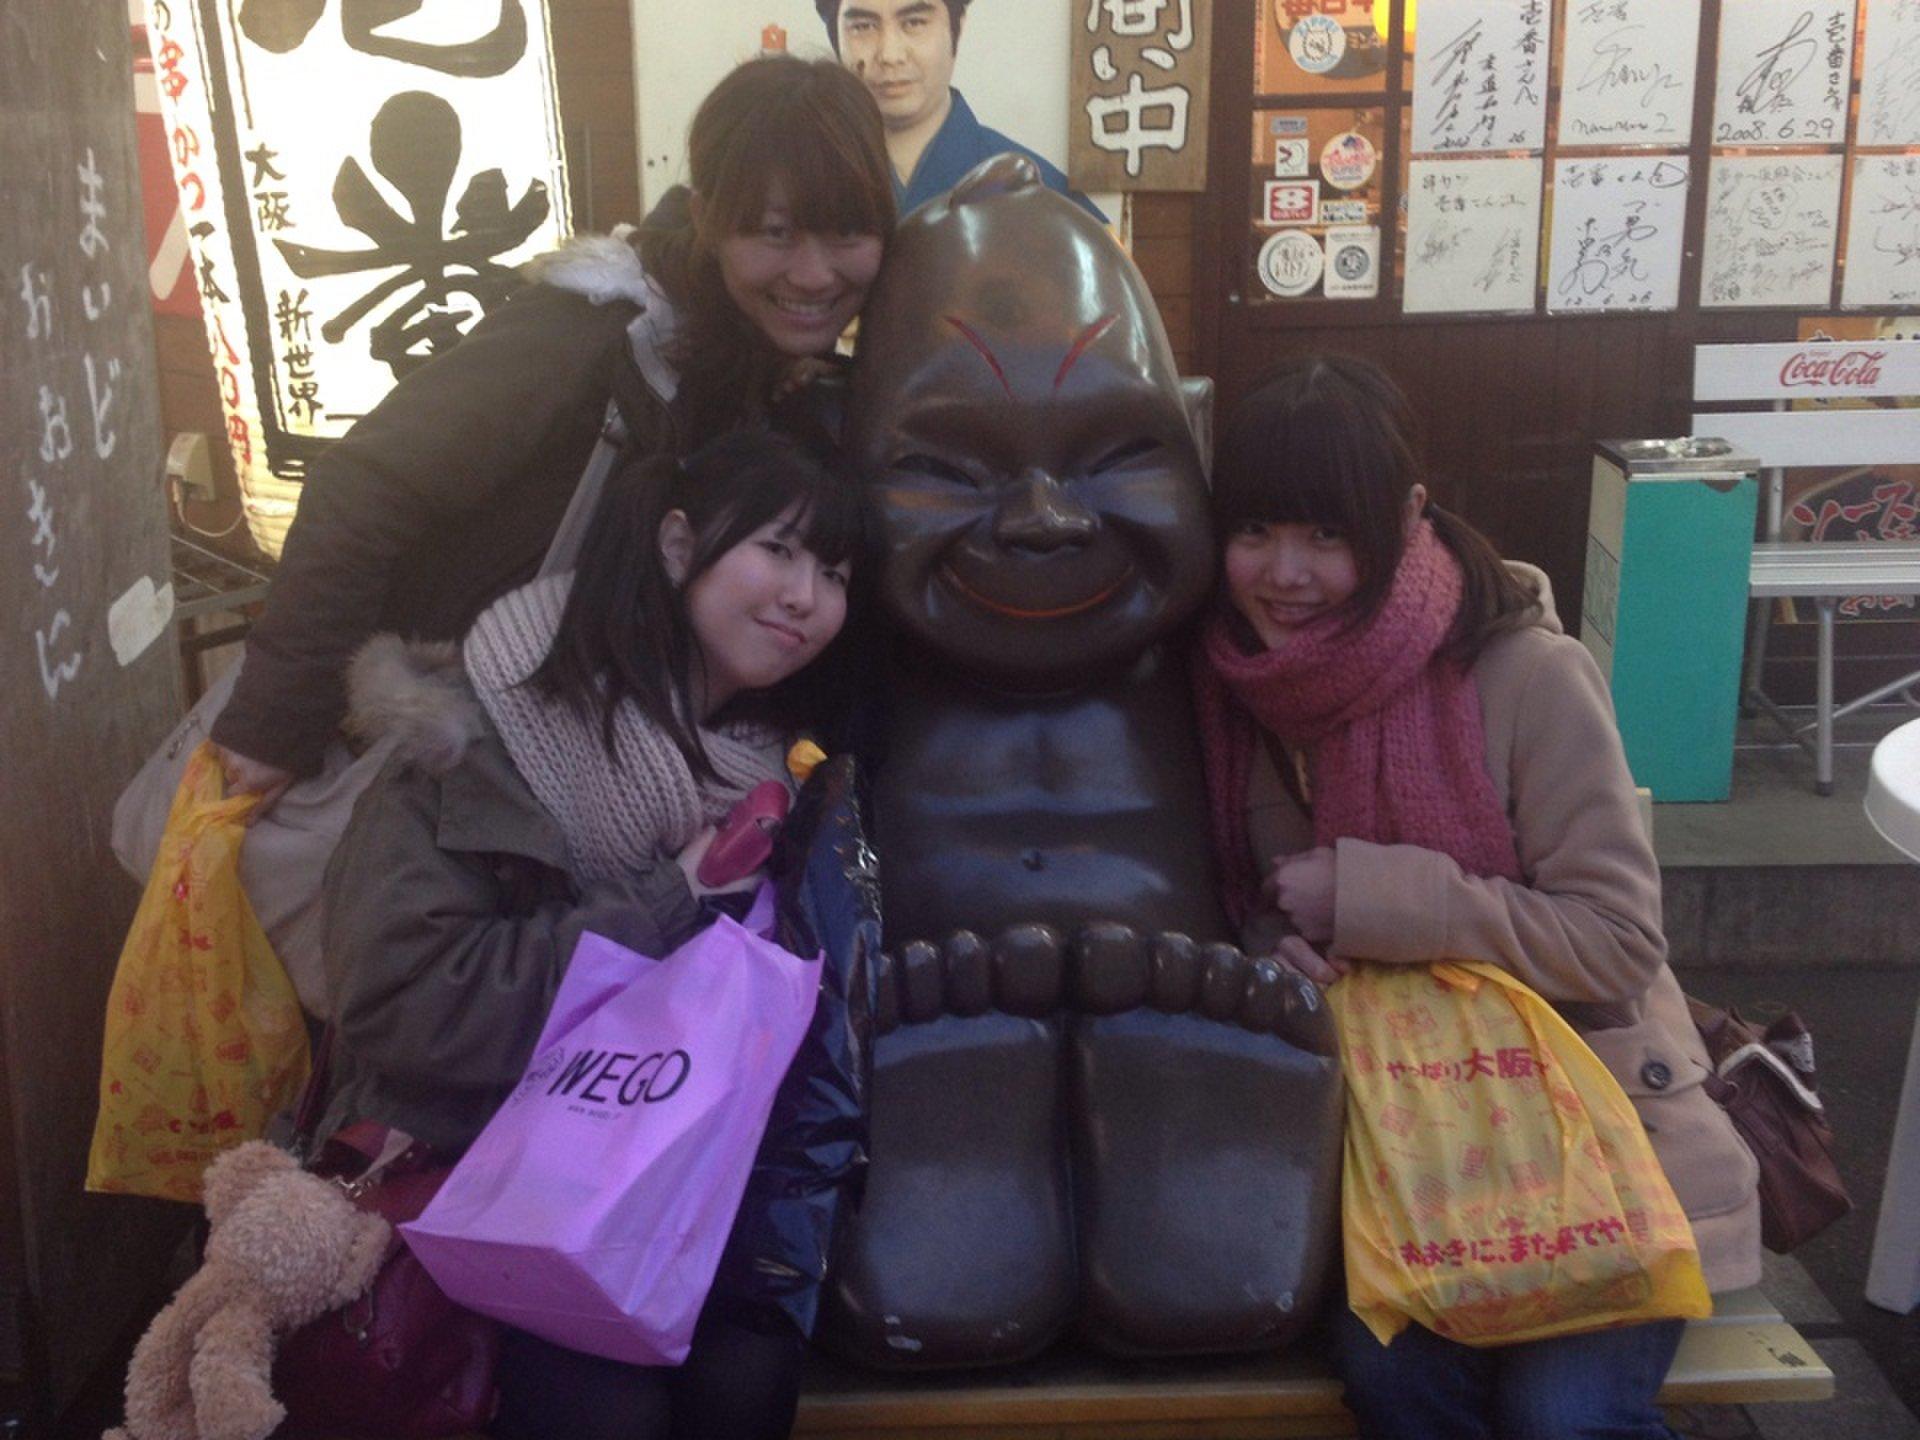 大阪の新世界で朝まで飲み会!日本一の串揚げグルメ「横綱」は食べ盛り女子会